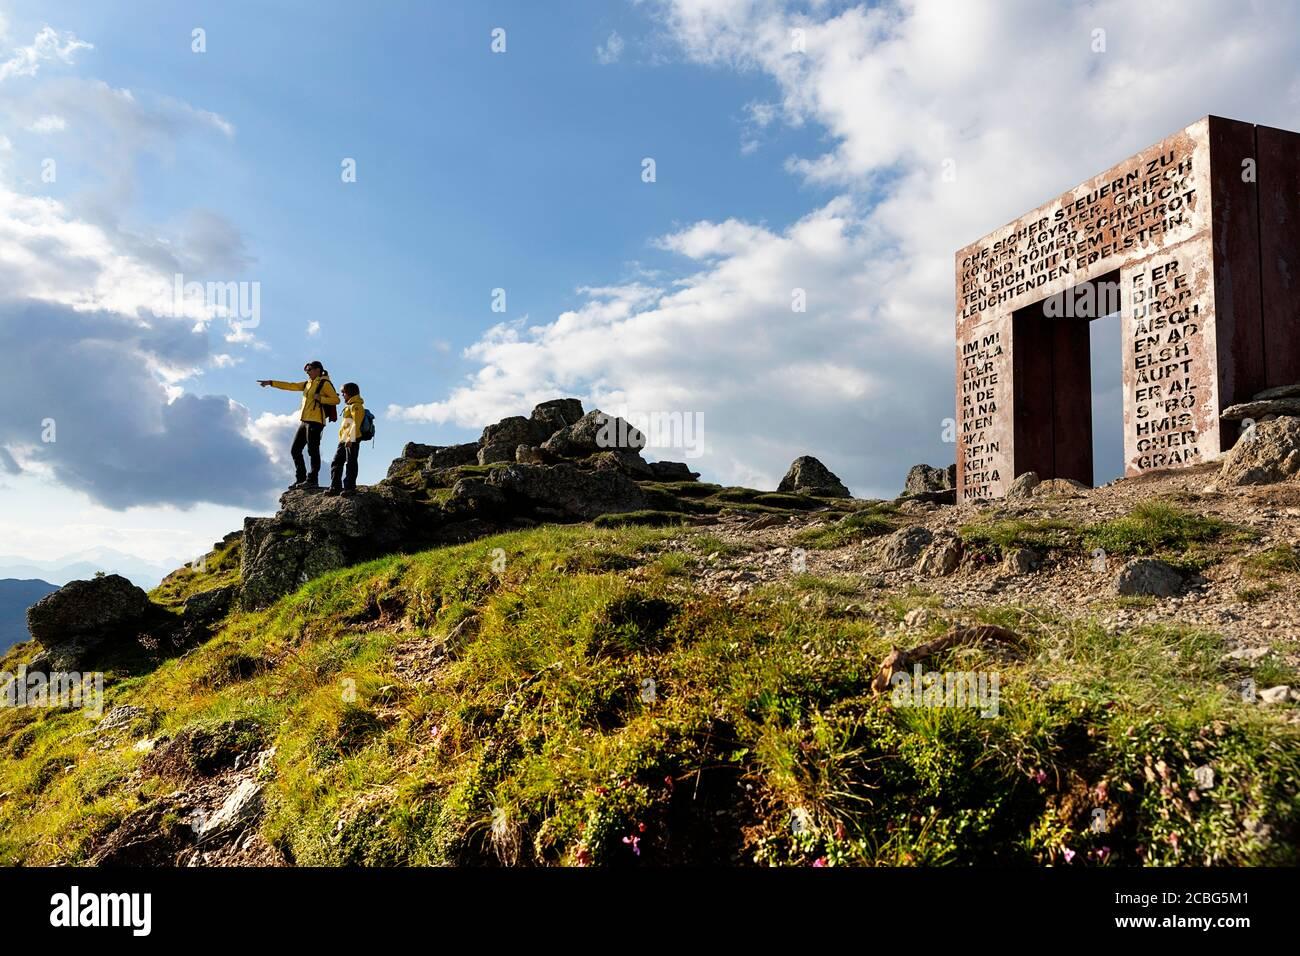 Madre e figlio a Garnett Gate on Love Trail, che indica qualcosa in distanc, Granattor, Lammersdorf montagna, Nock Montagne, Carinzia, Austria Foto Stock